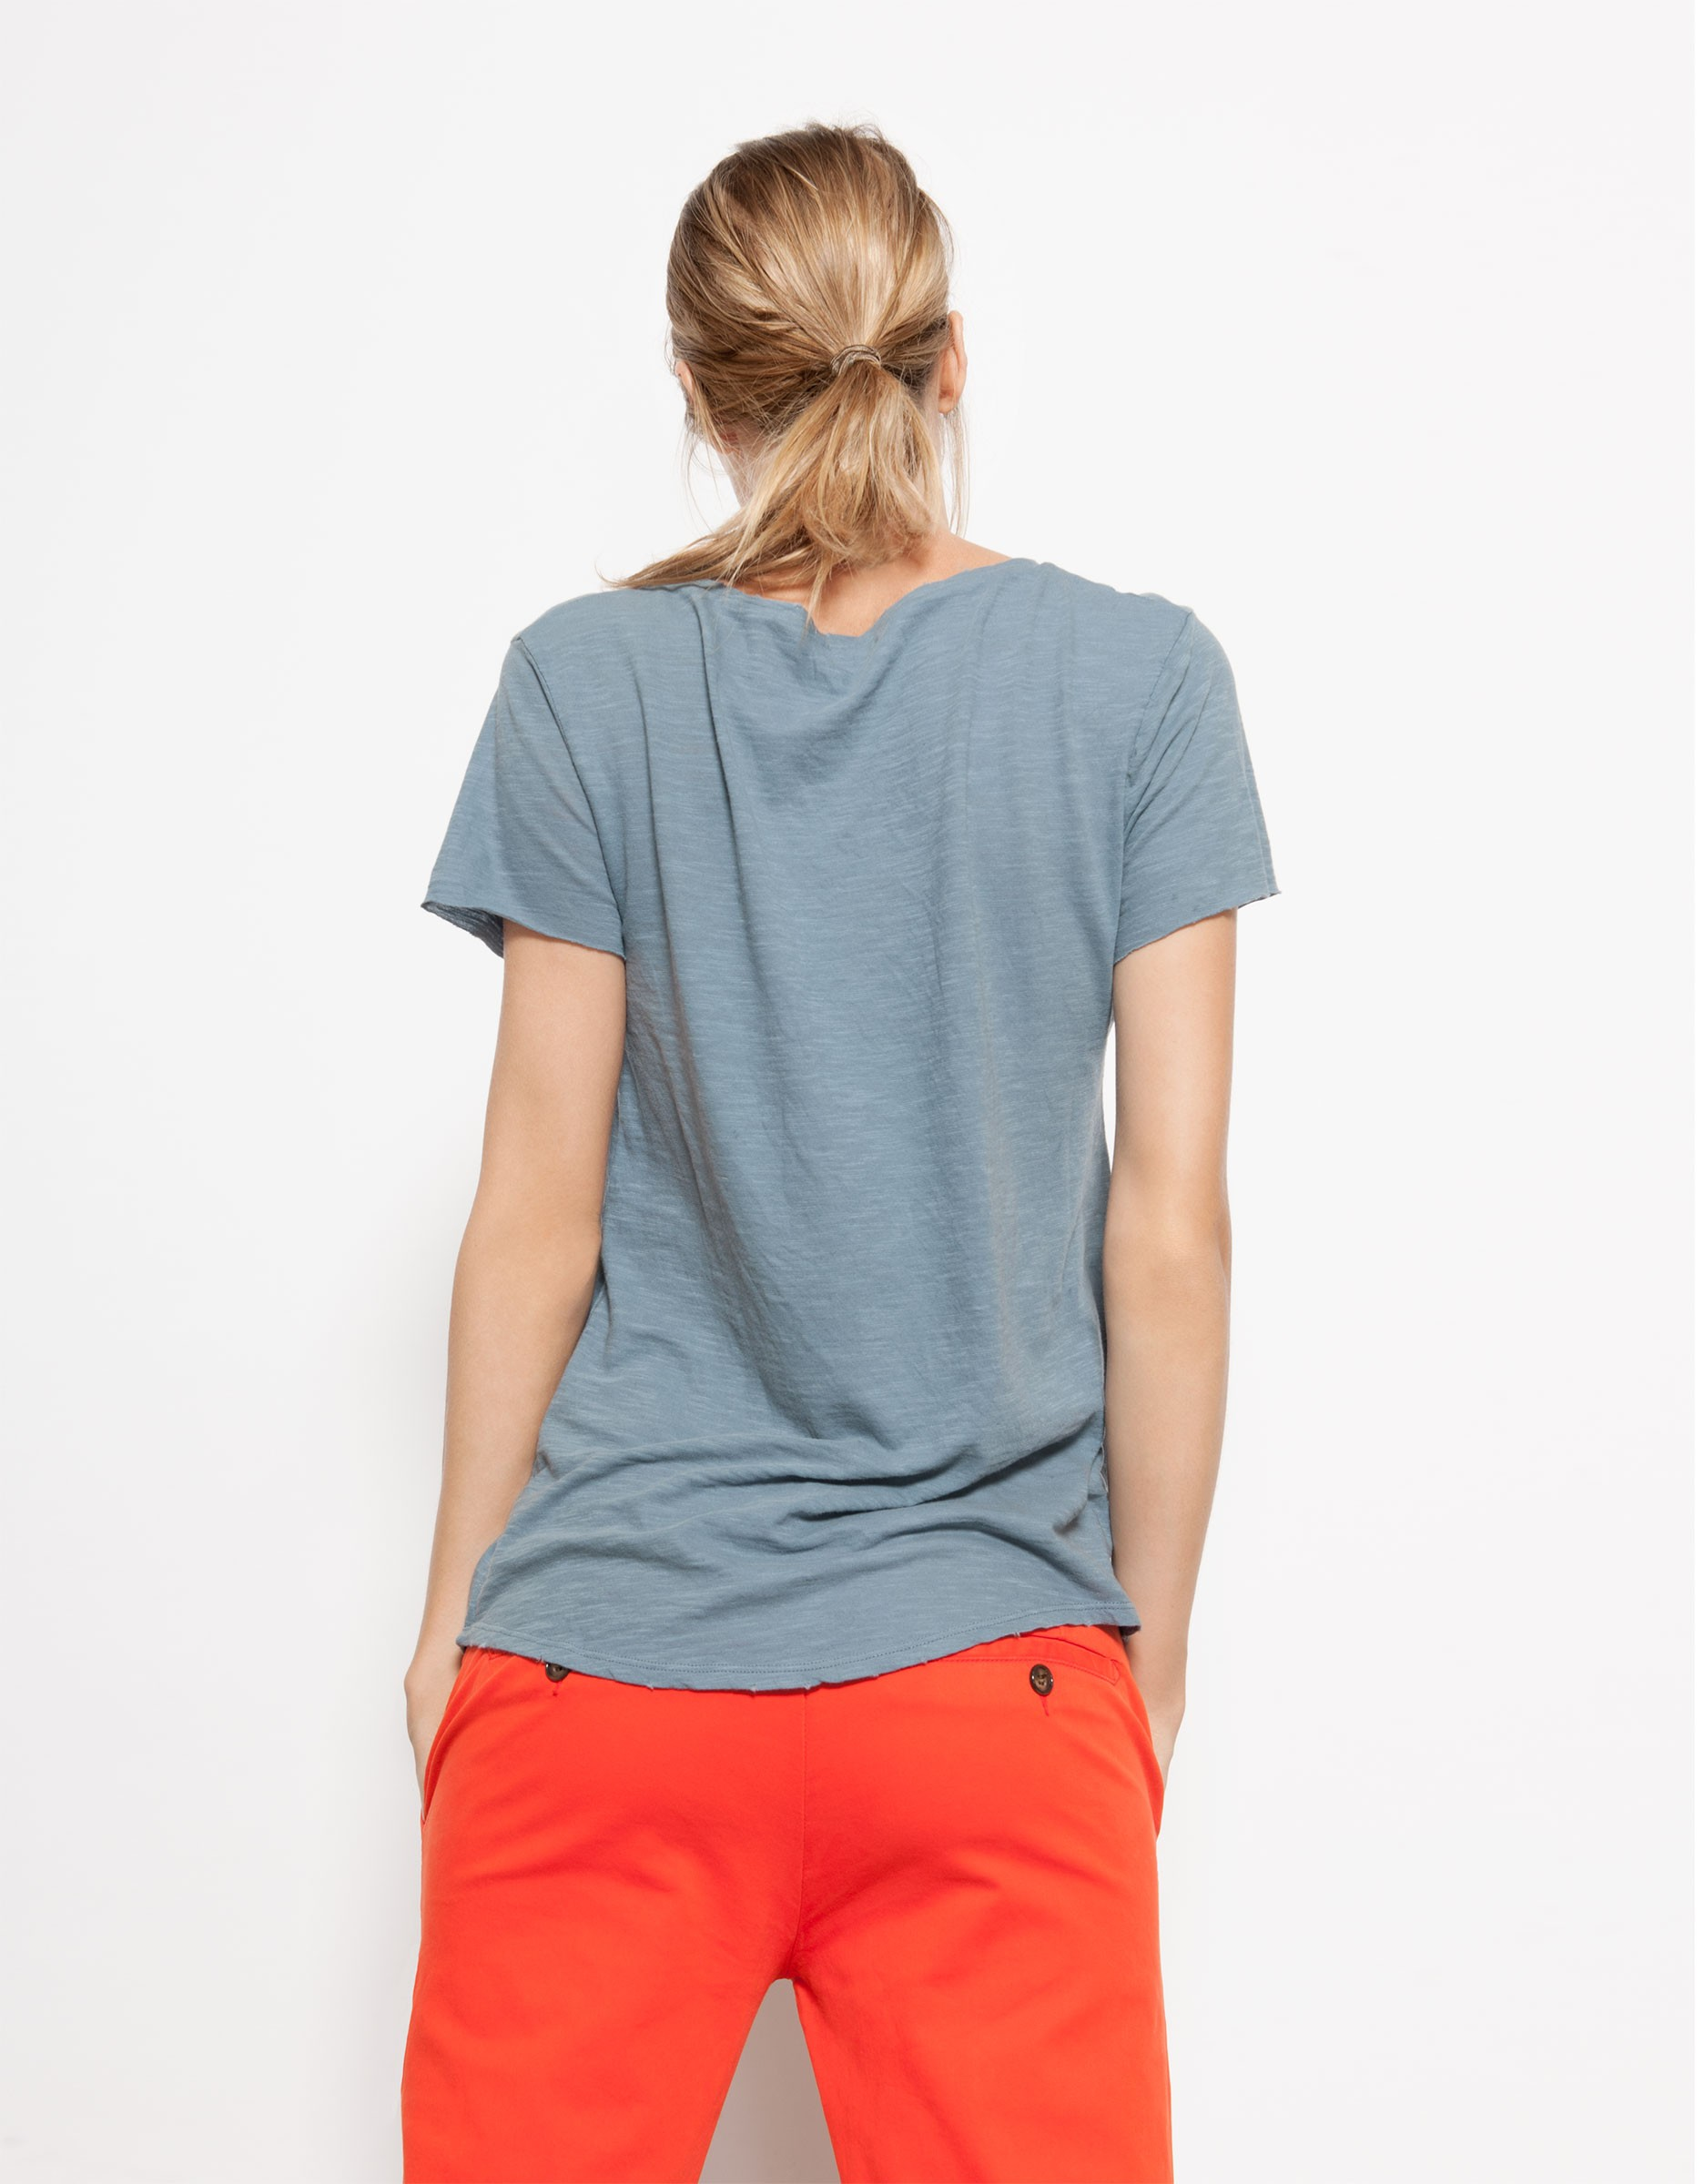 t shirt uma blue jean reiko jeans